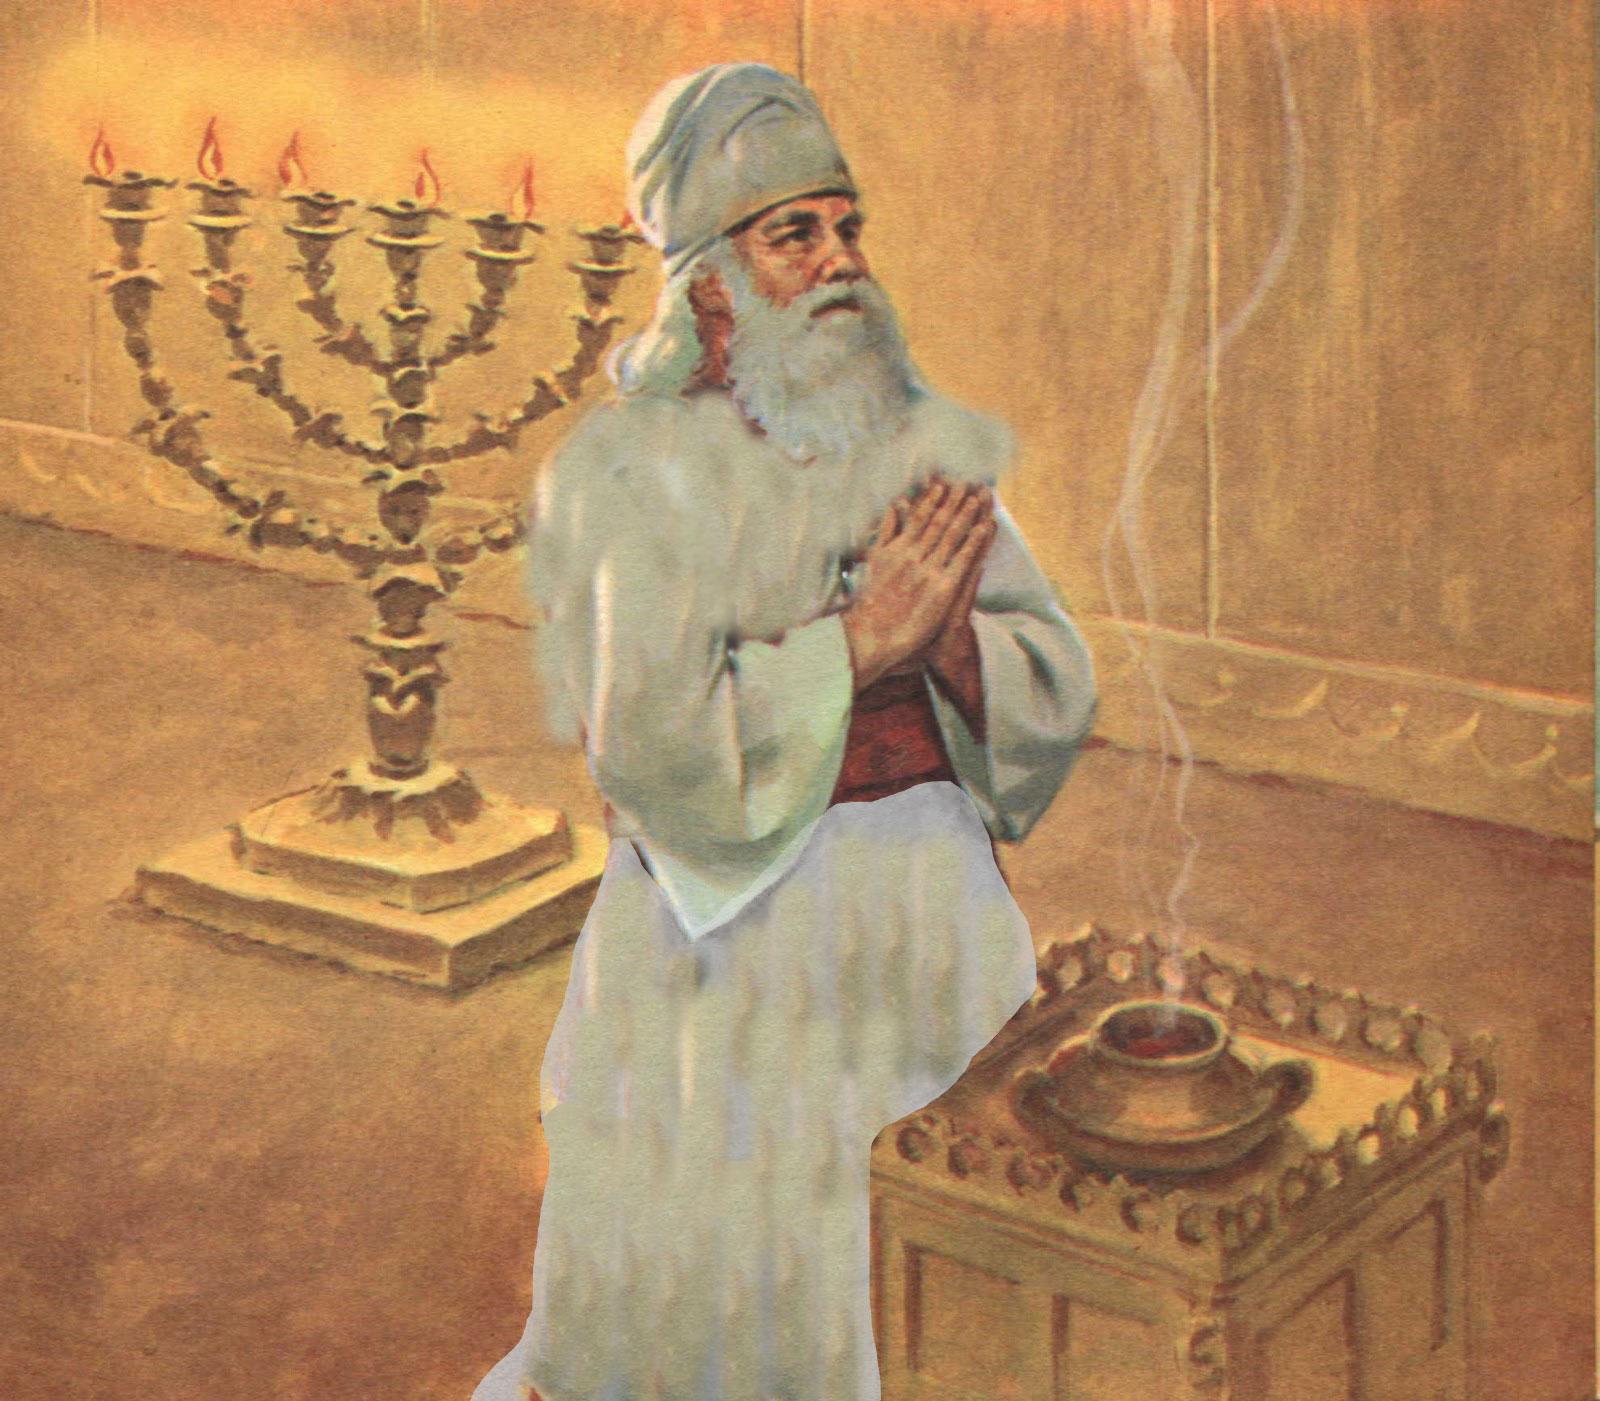 Como el velo interior del santuario no llegaba hasta el techo del edificio la gloria de dios que se manifestaba sobre el propiciatorio era parcialmente